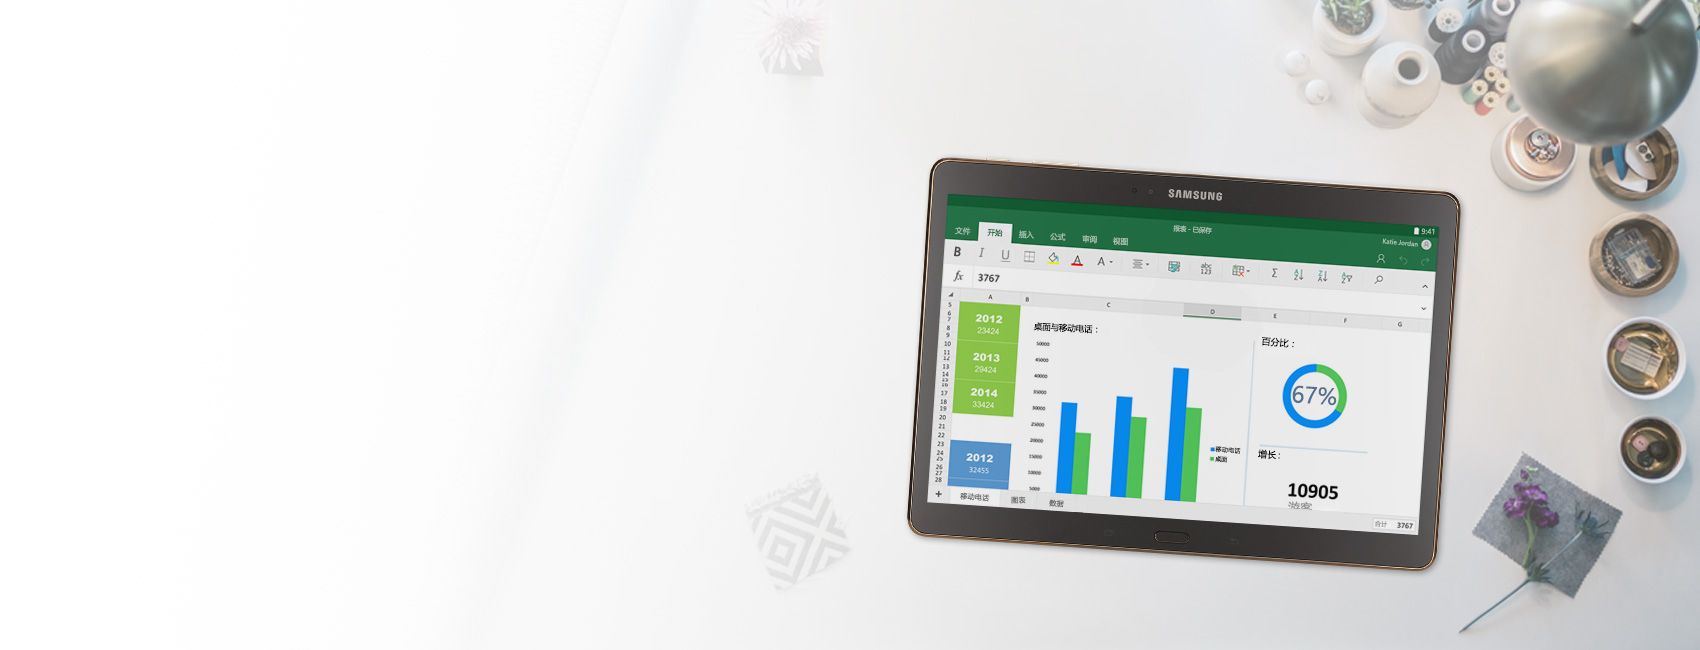 在 Excel 报表中显示图表的平板电脑